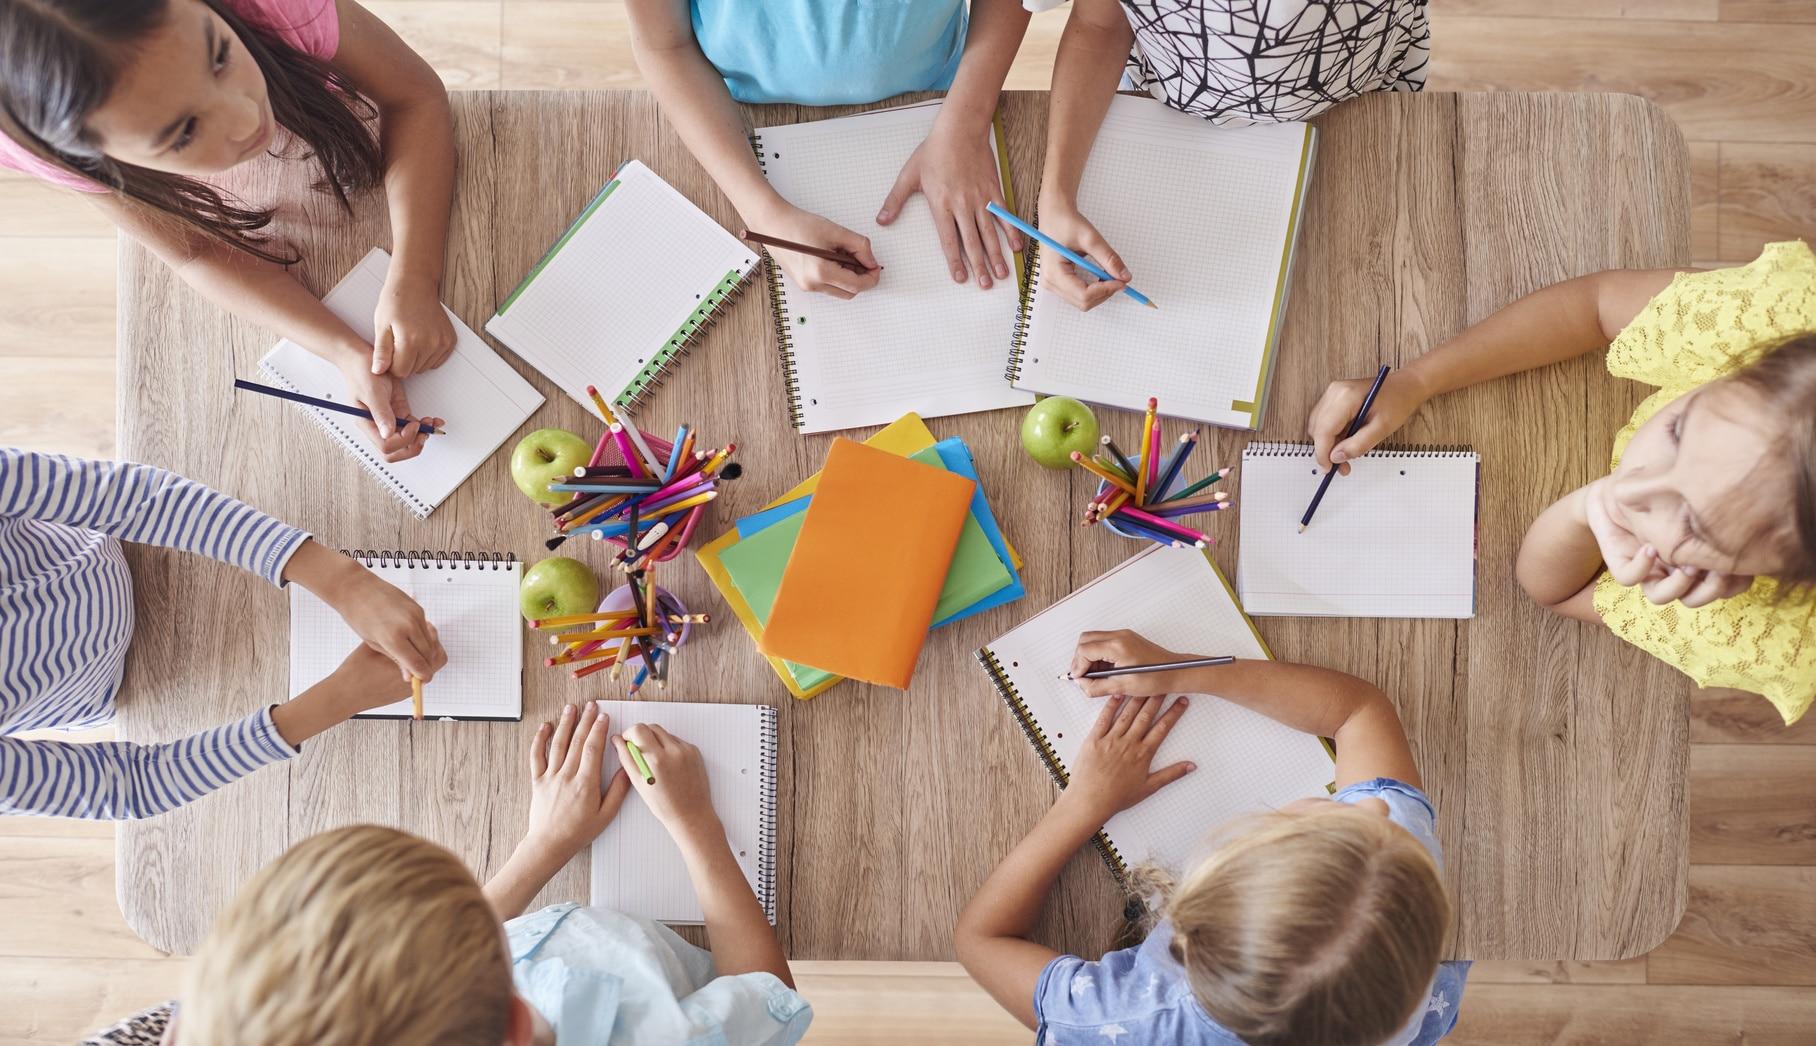 Kinder sitzen am Tisch und Lernen in einer Lerngruppe